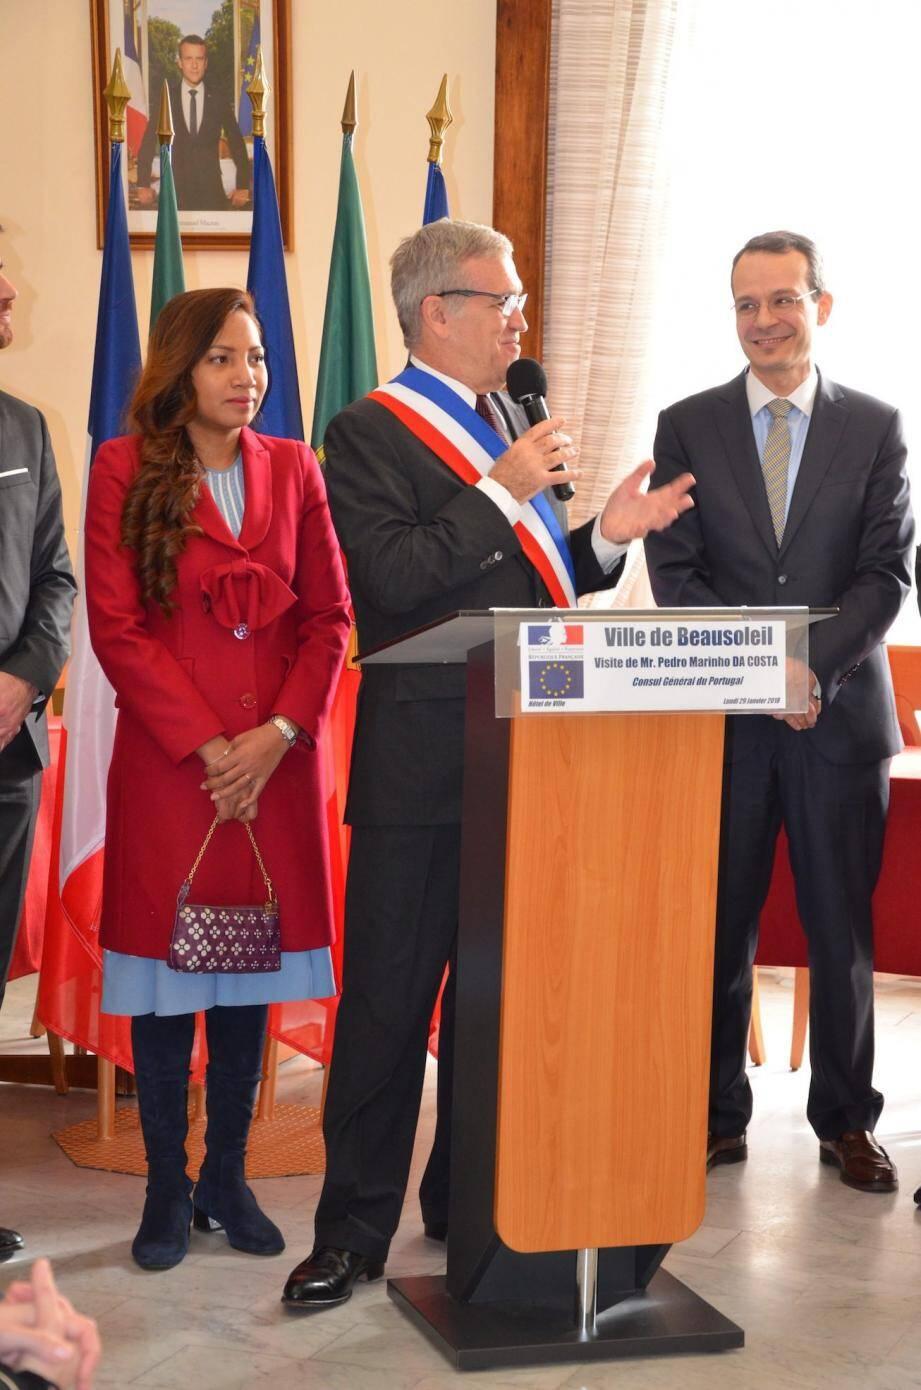 Le Consul Général du Portugal à Marseille, Pedro Marinho Da Costa (à droite), a été reçu par le maire Gérard Spinelli - et son épouse Ratree, qui lui a remis la Médaille de la Ville.